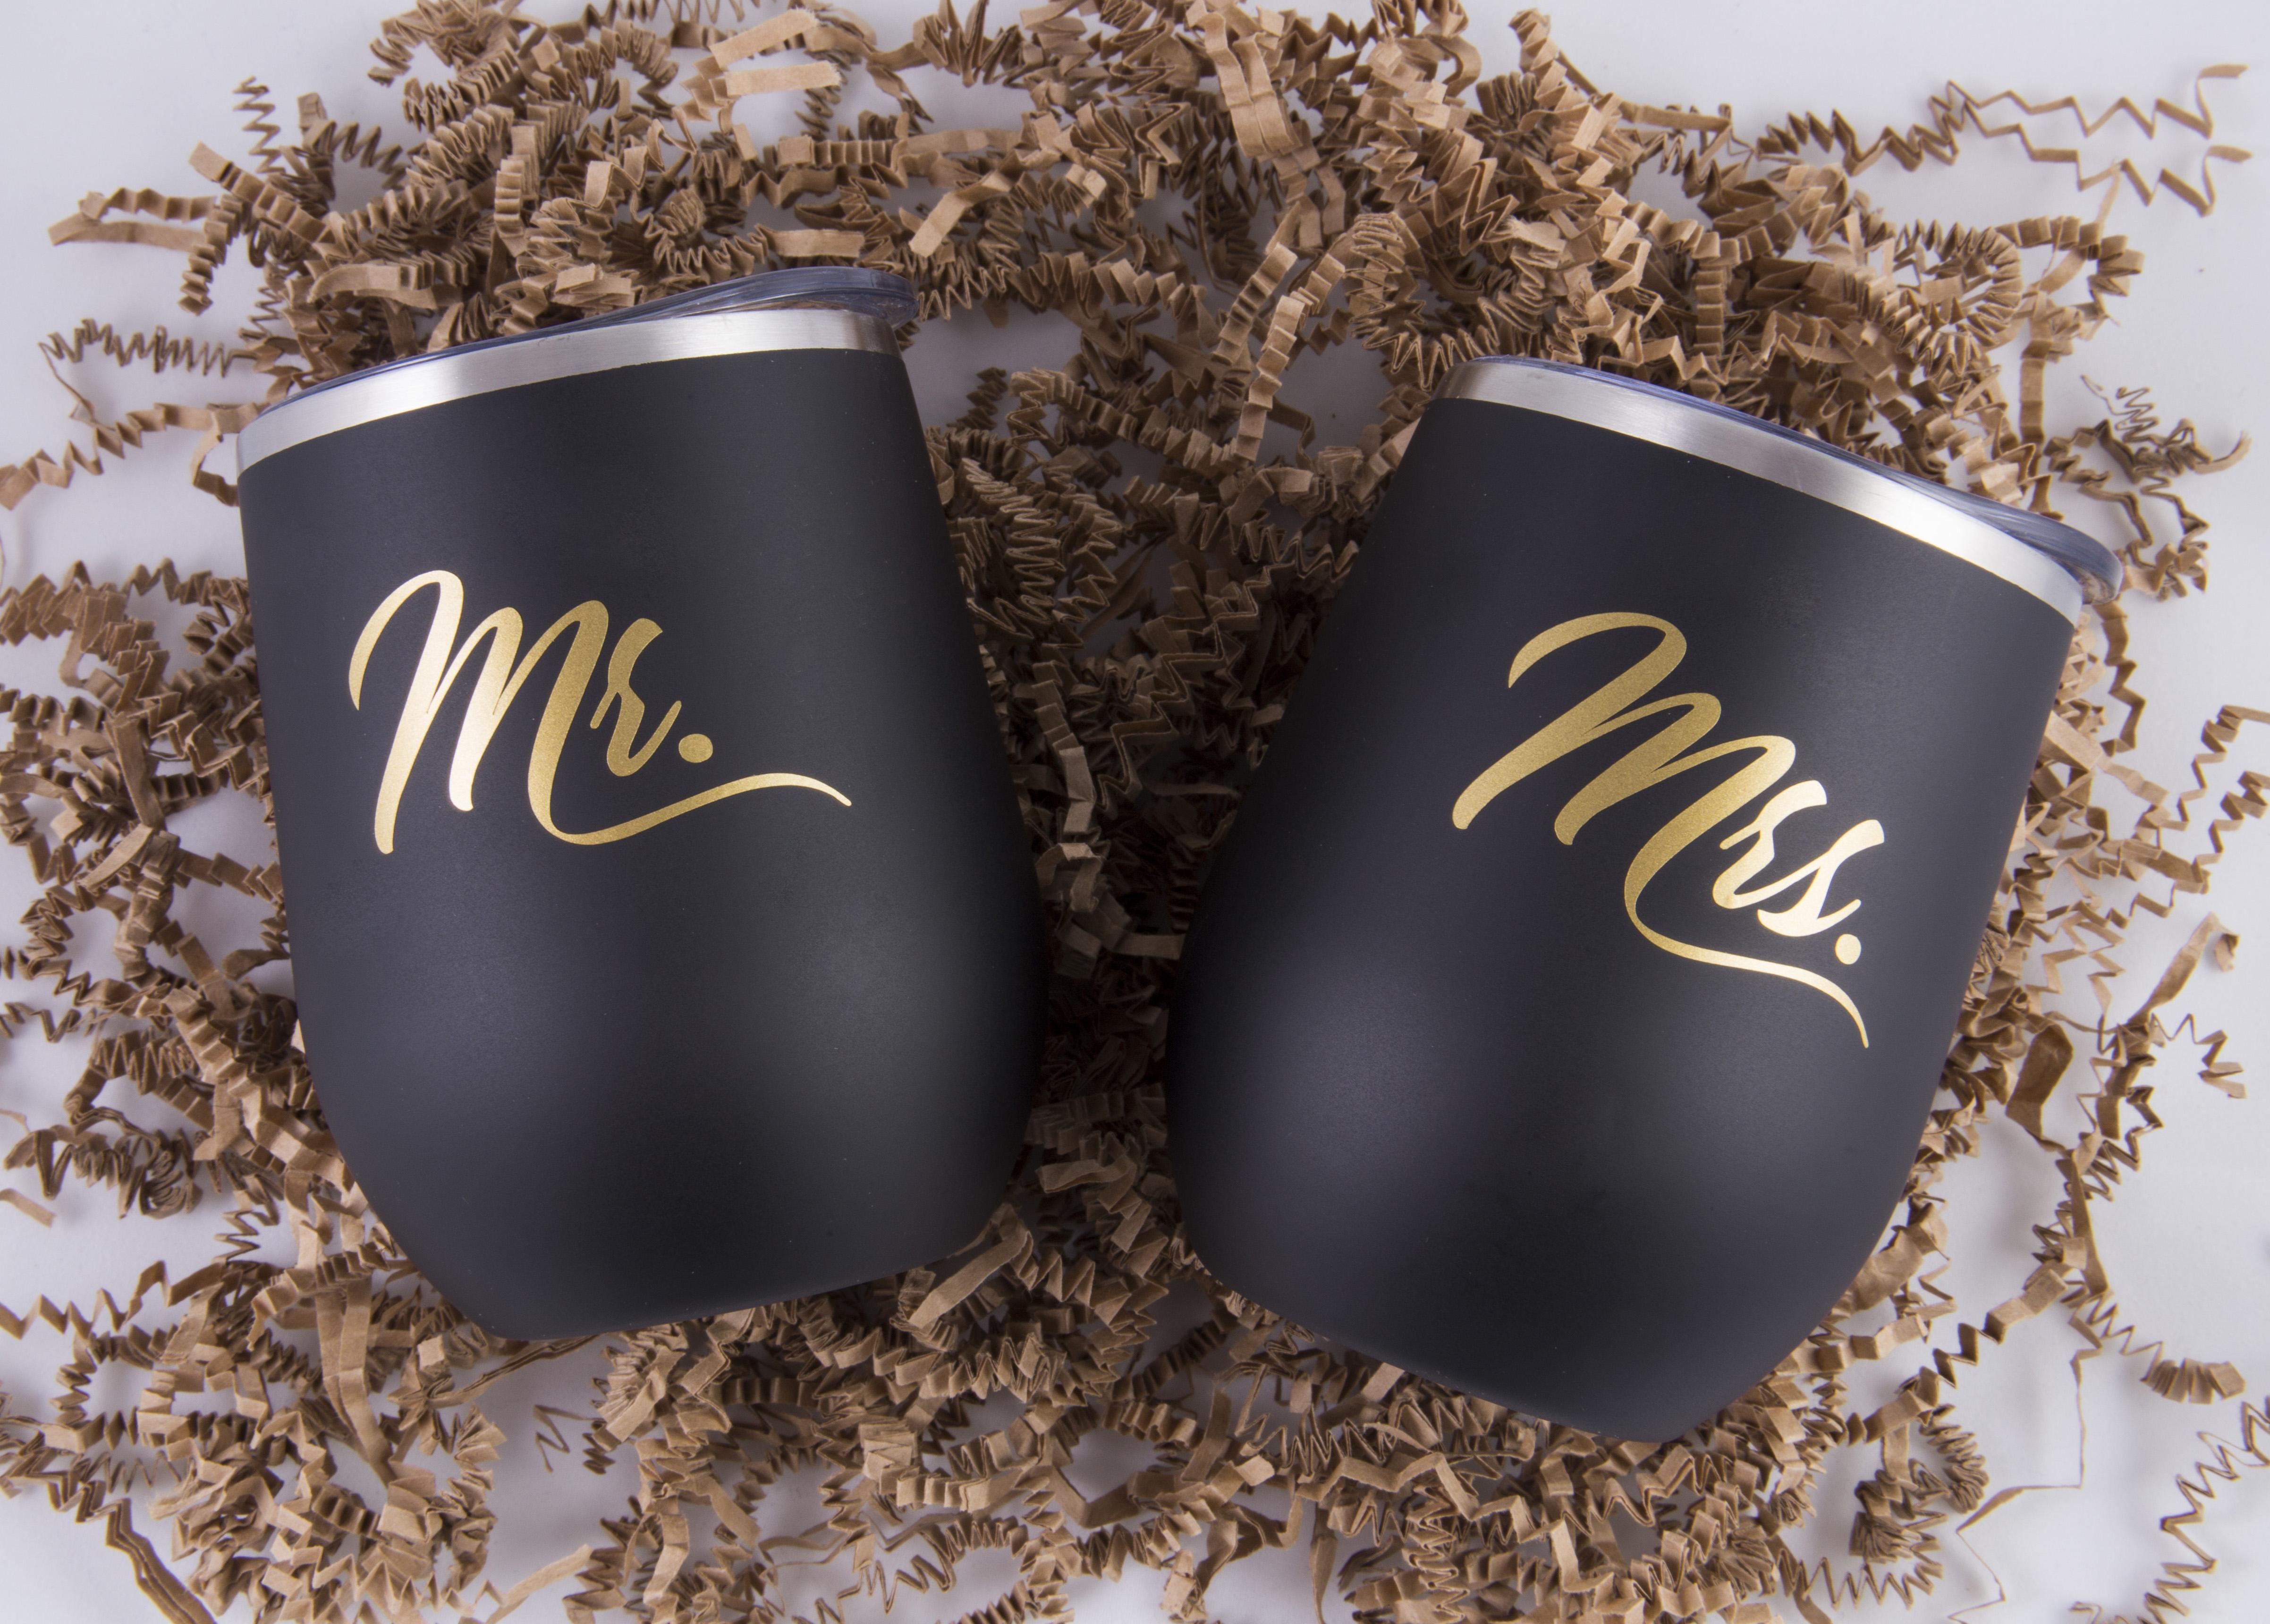 Mrs. & Mrs. – Custom Wine Tumbler